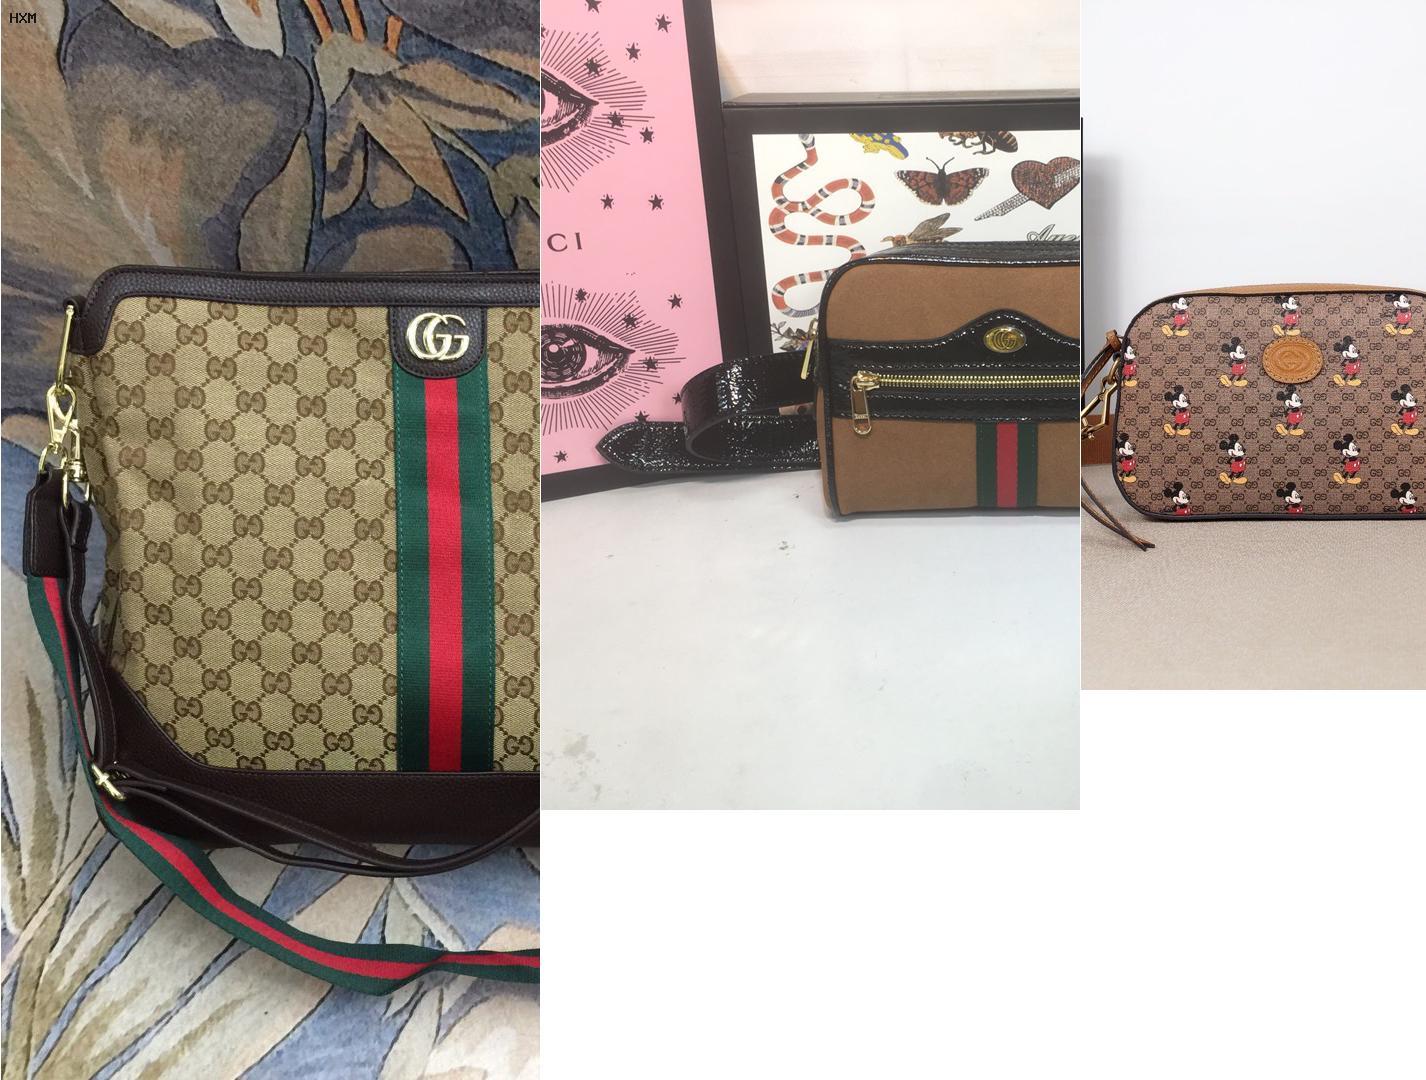 mochilas gucci para mujer precio